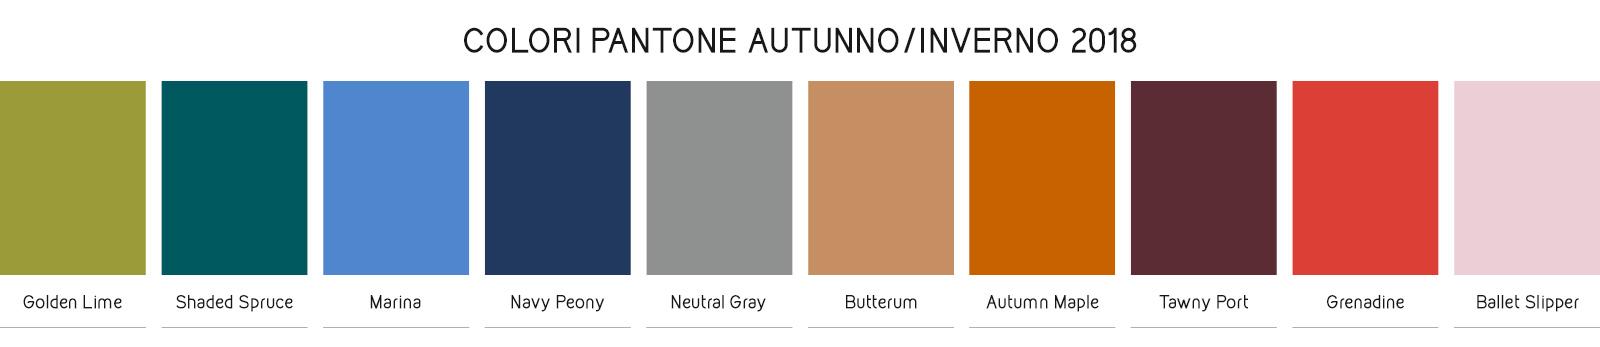 Colori Pantone autunno/inverno 2018